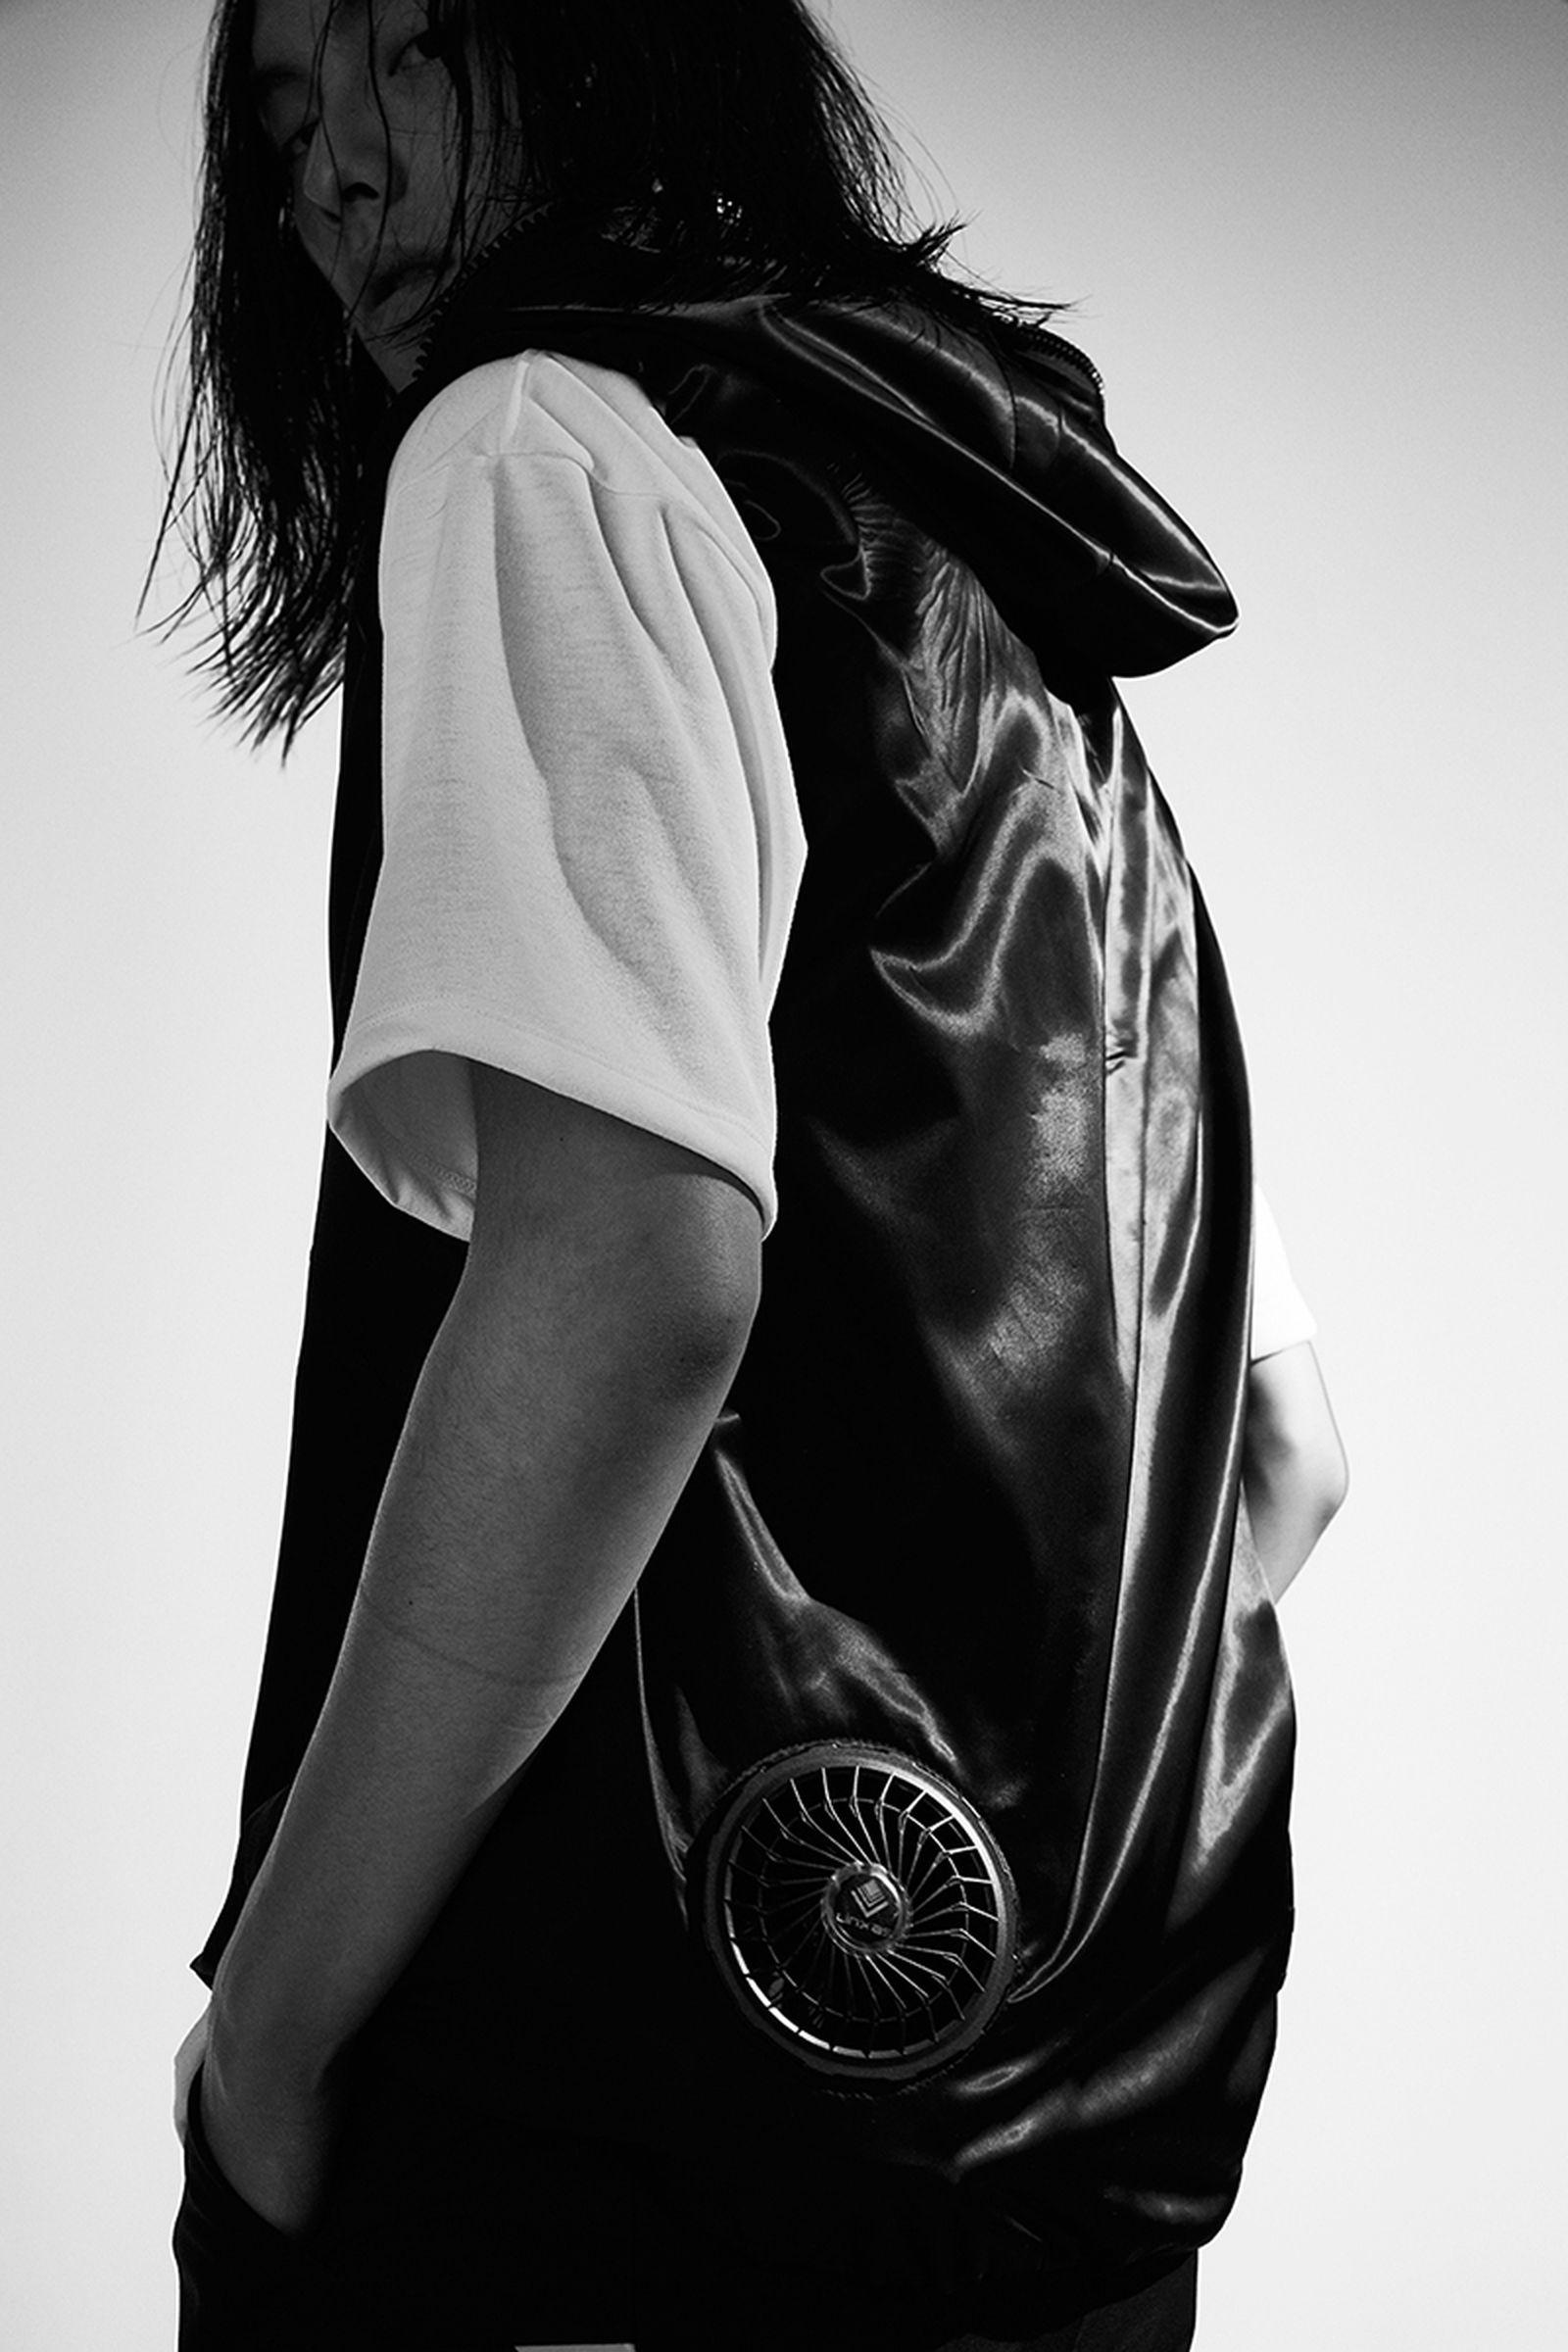 taiga liona fan cooled clothing (2)